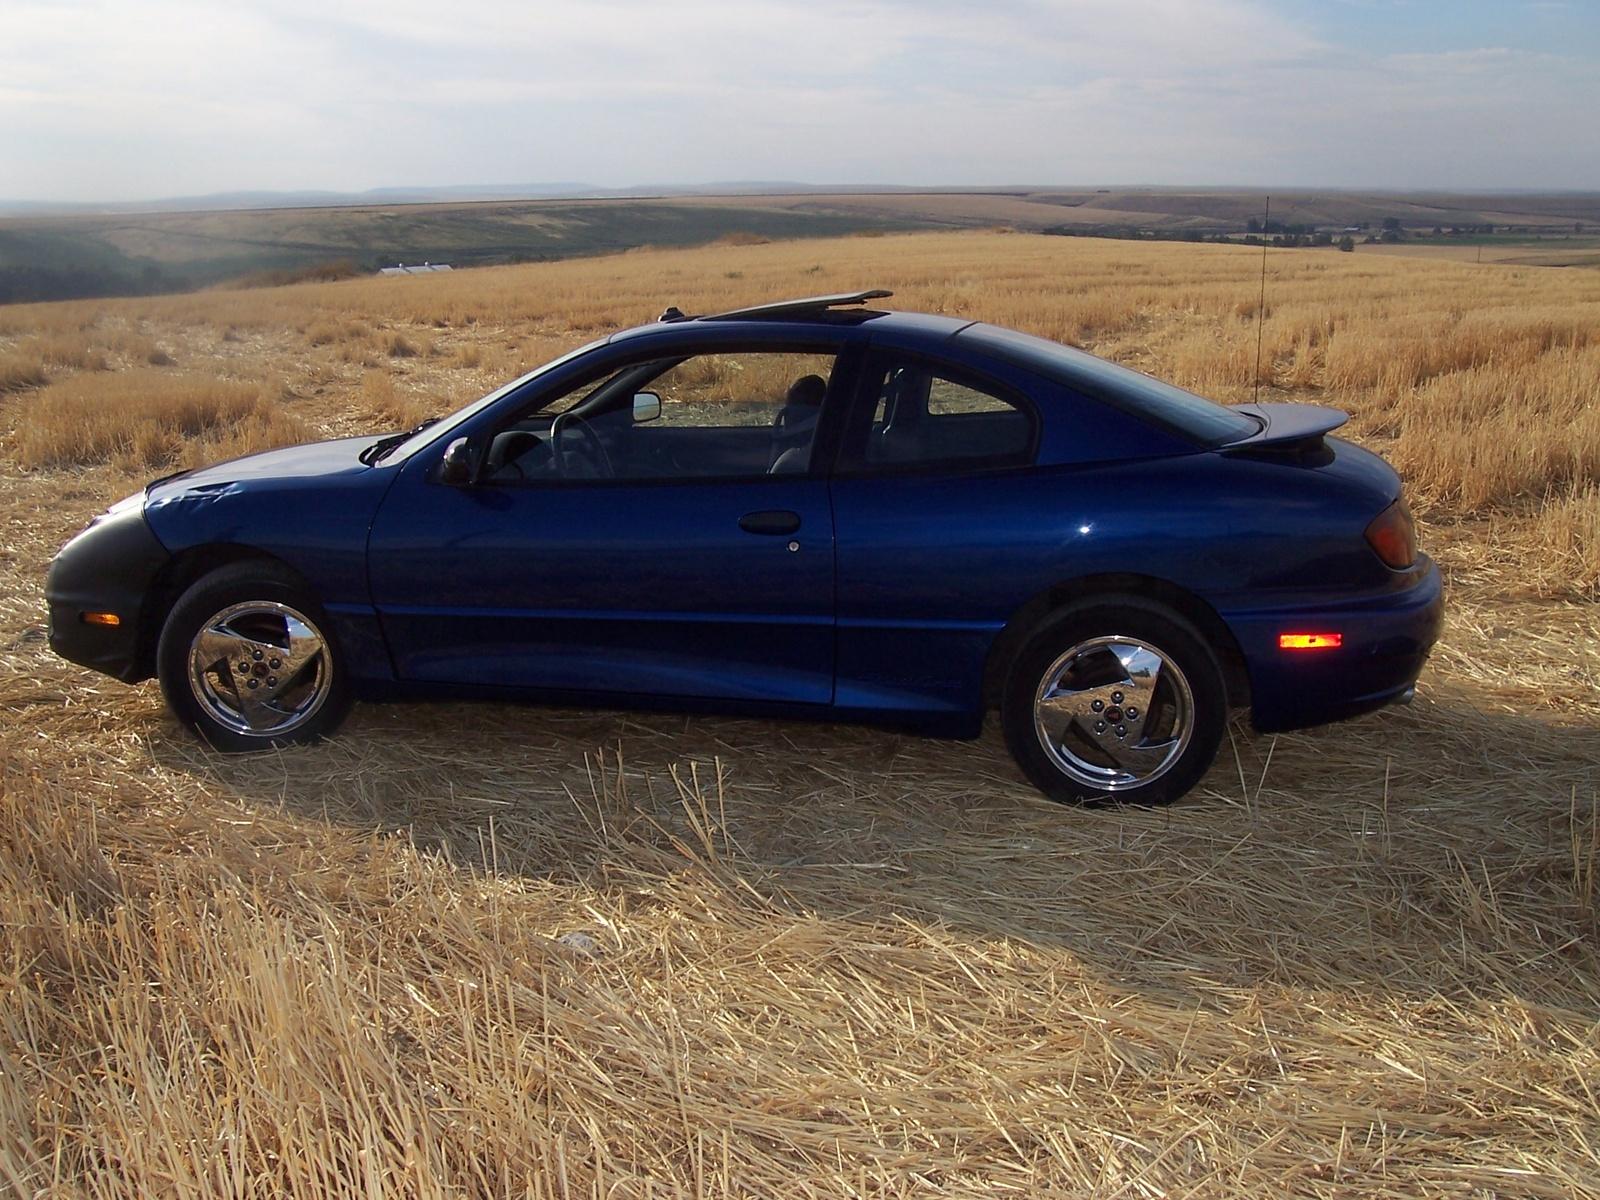 2004 Pontiac Sunfire - Pictures - Picture of 2004 Pontiac Sunfir ...